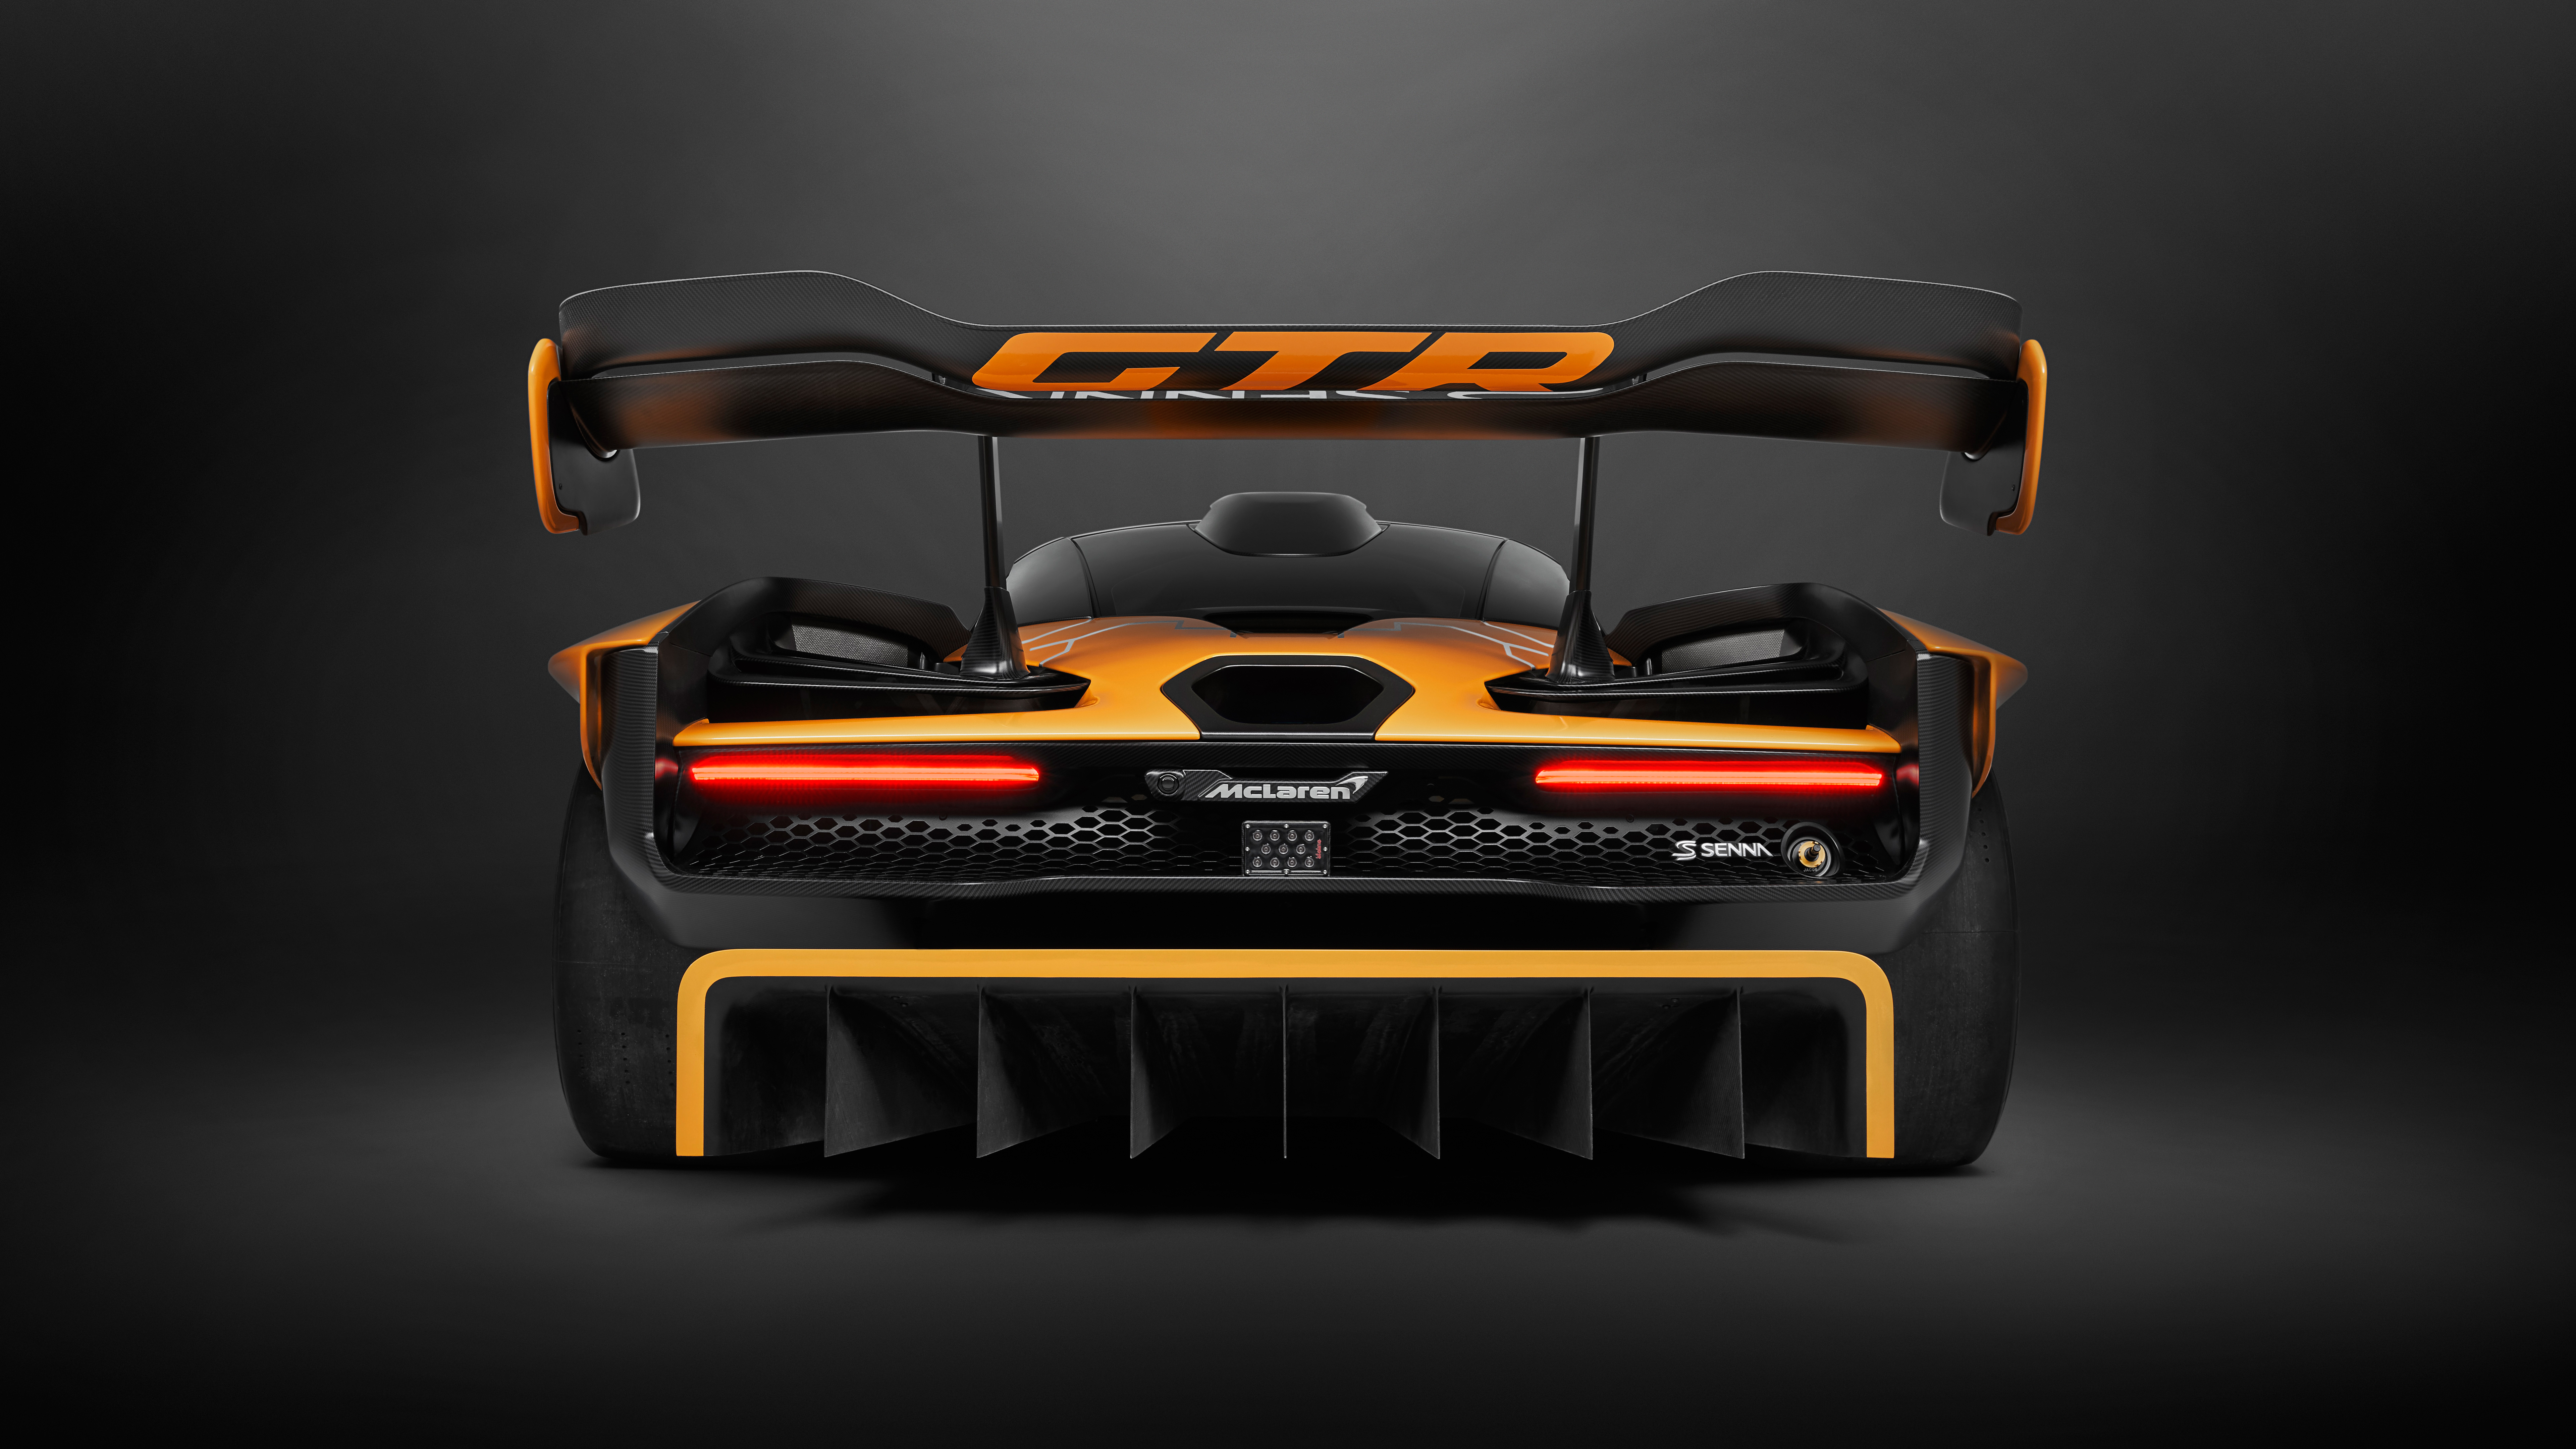 2019 Mclaren Senna Gtr Concept 4k 8k Wallpaper Hd Car Wallpapers Id 9863